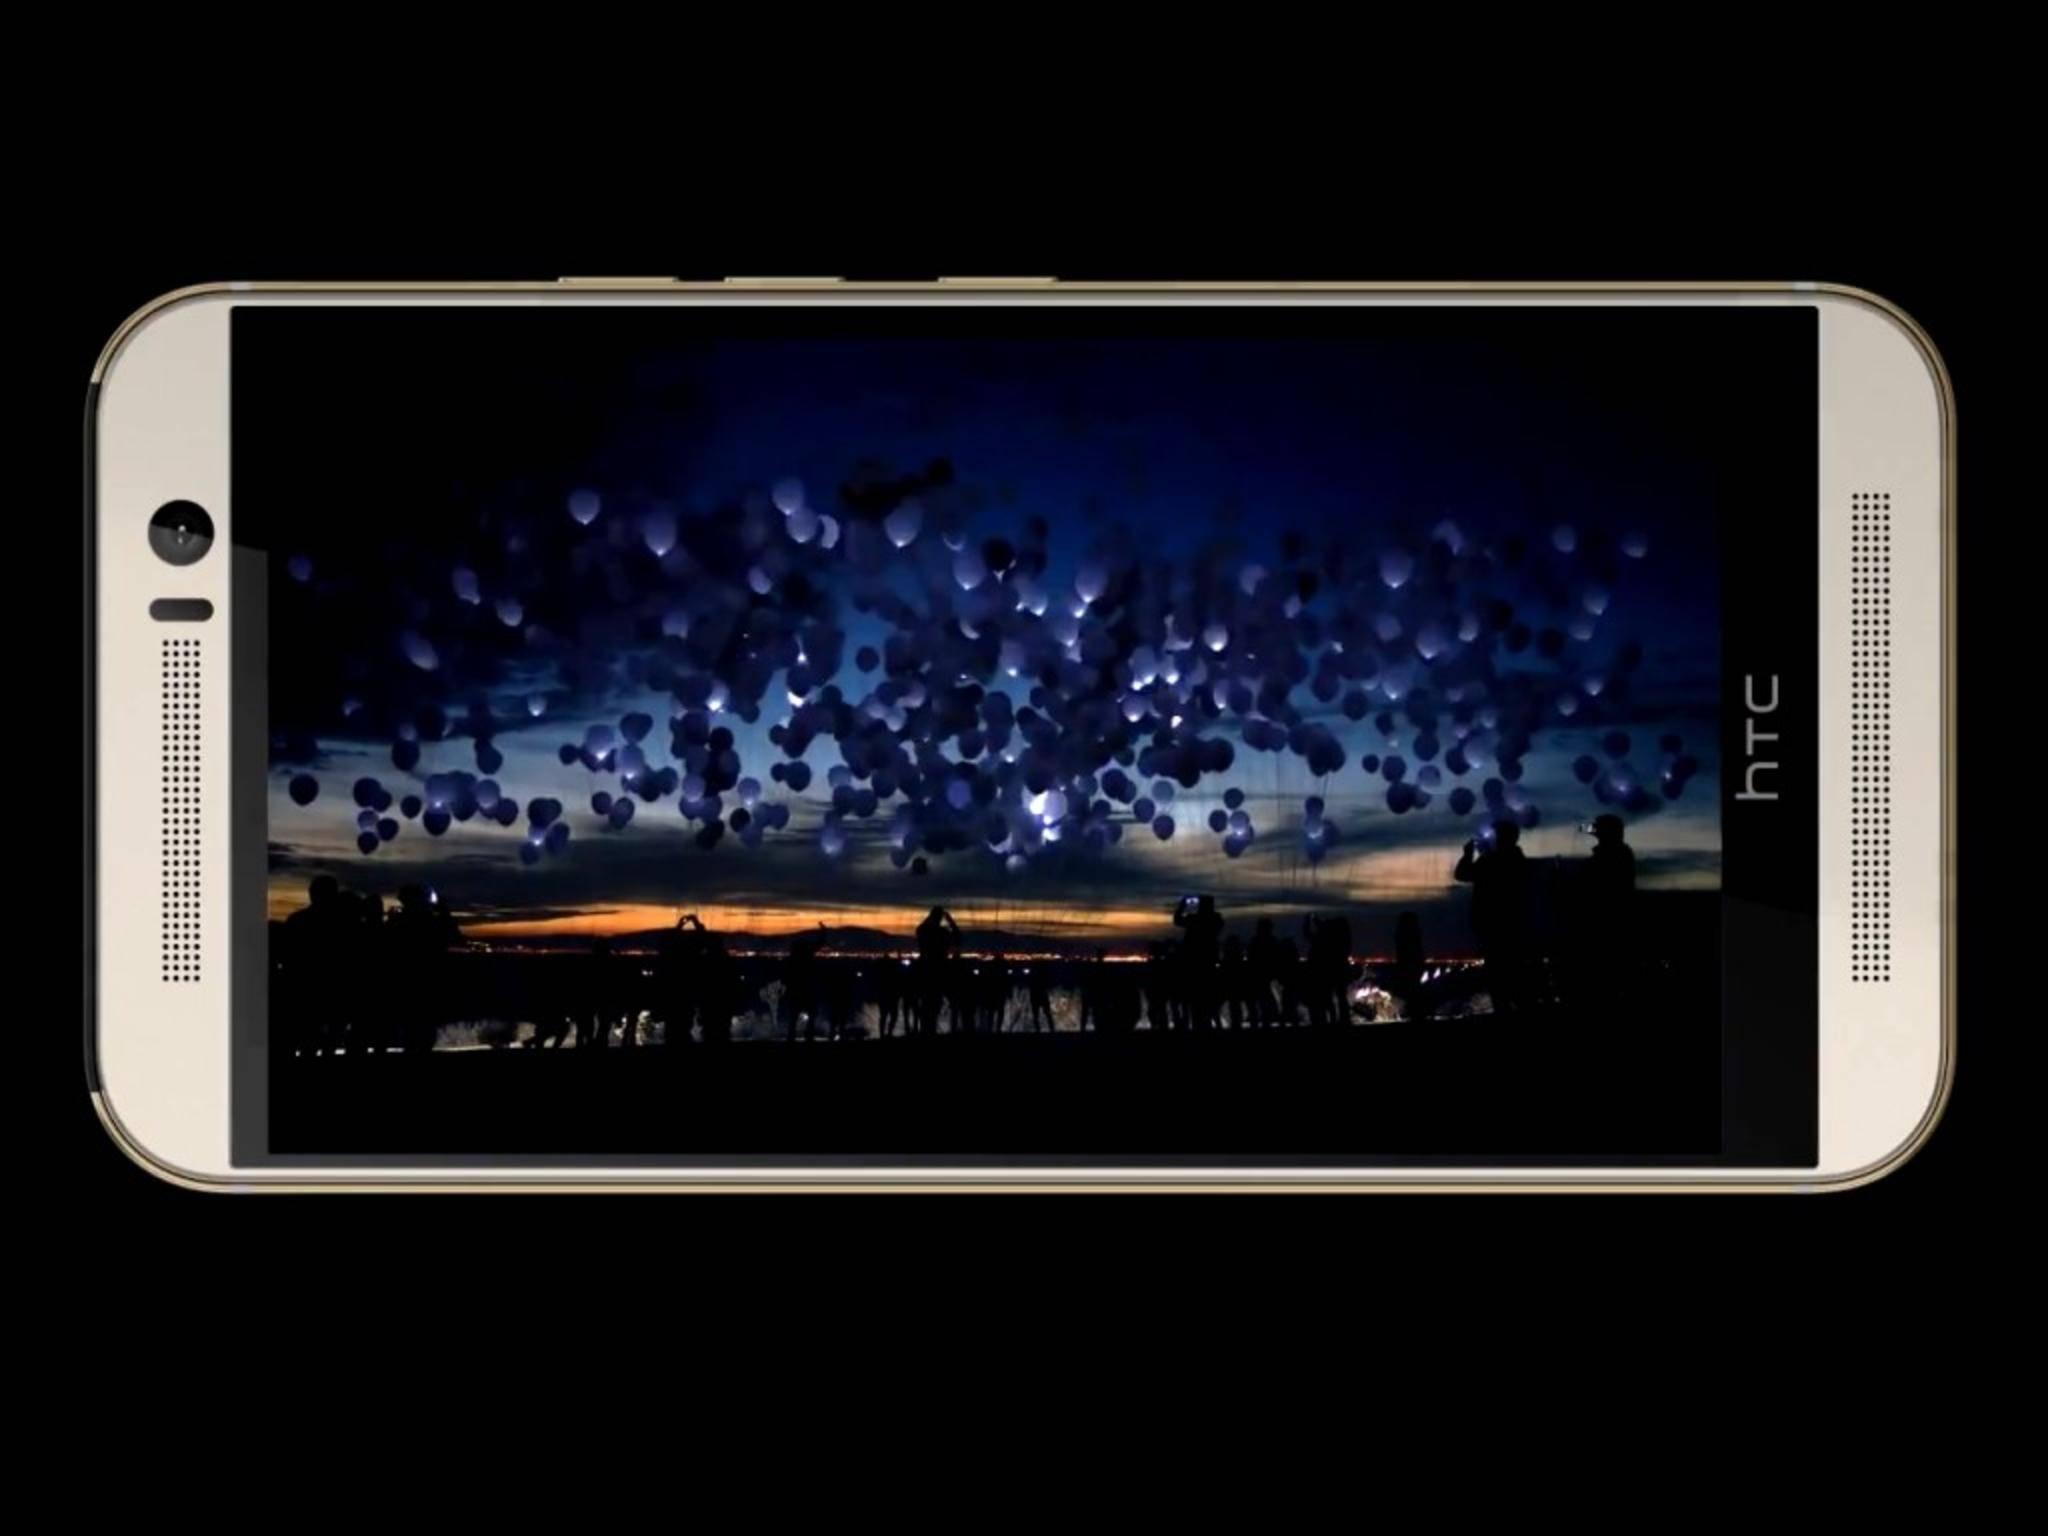 Gerade erst wurde das HTC One M9 vorgestellt, jetzt rückt das One M9+ in den Fokus.